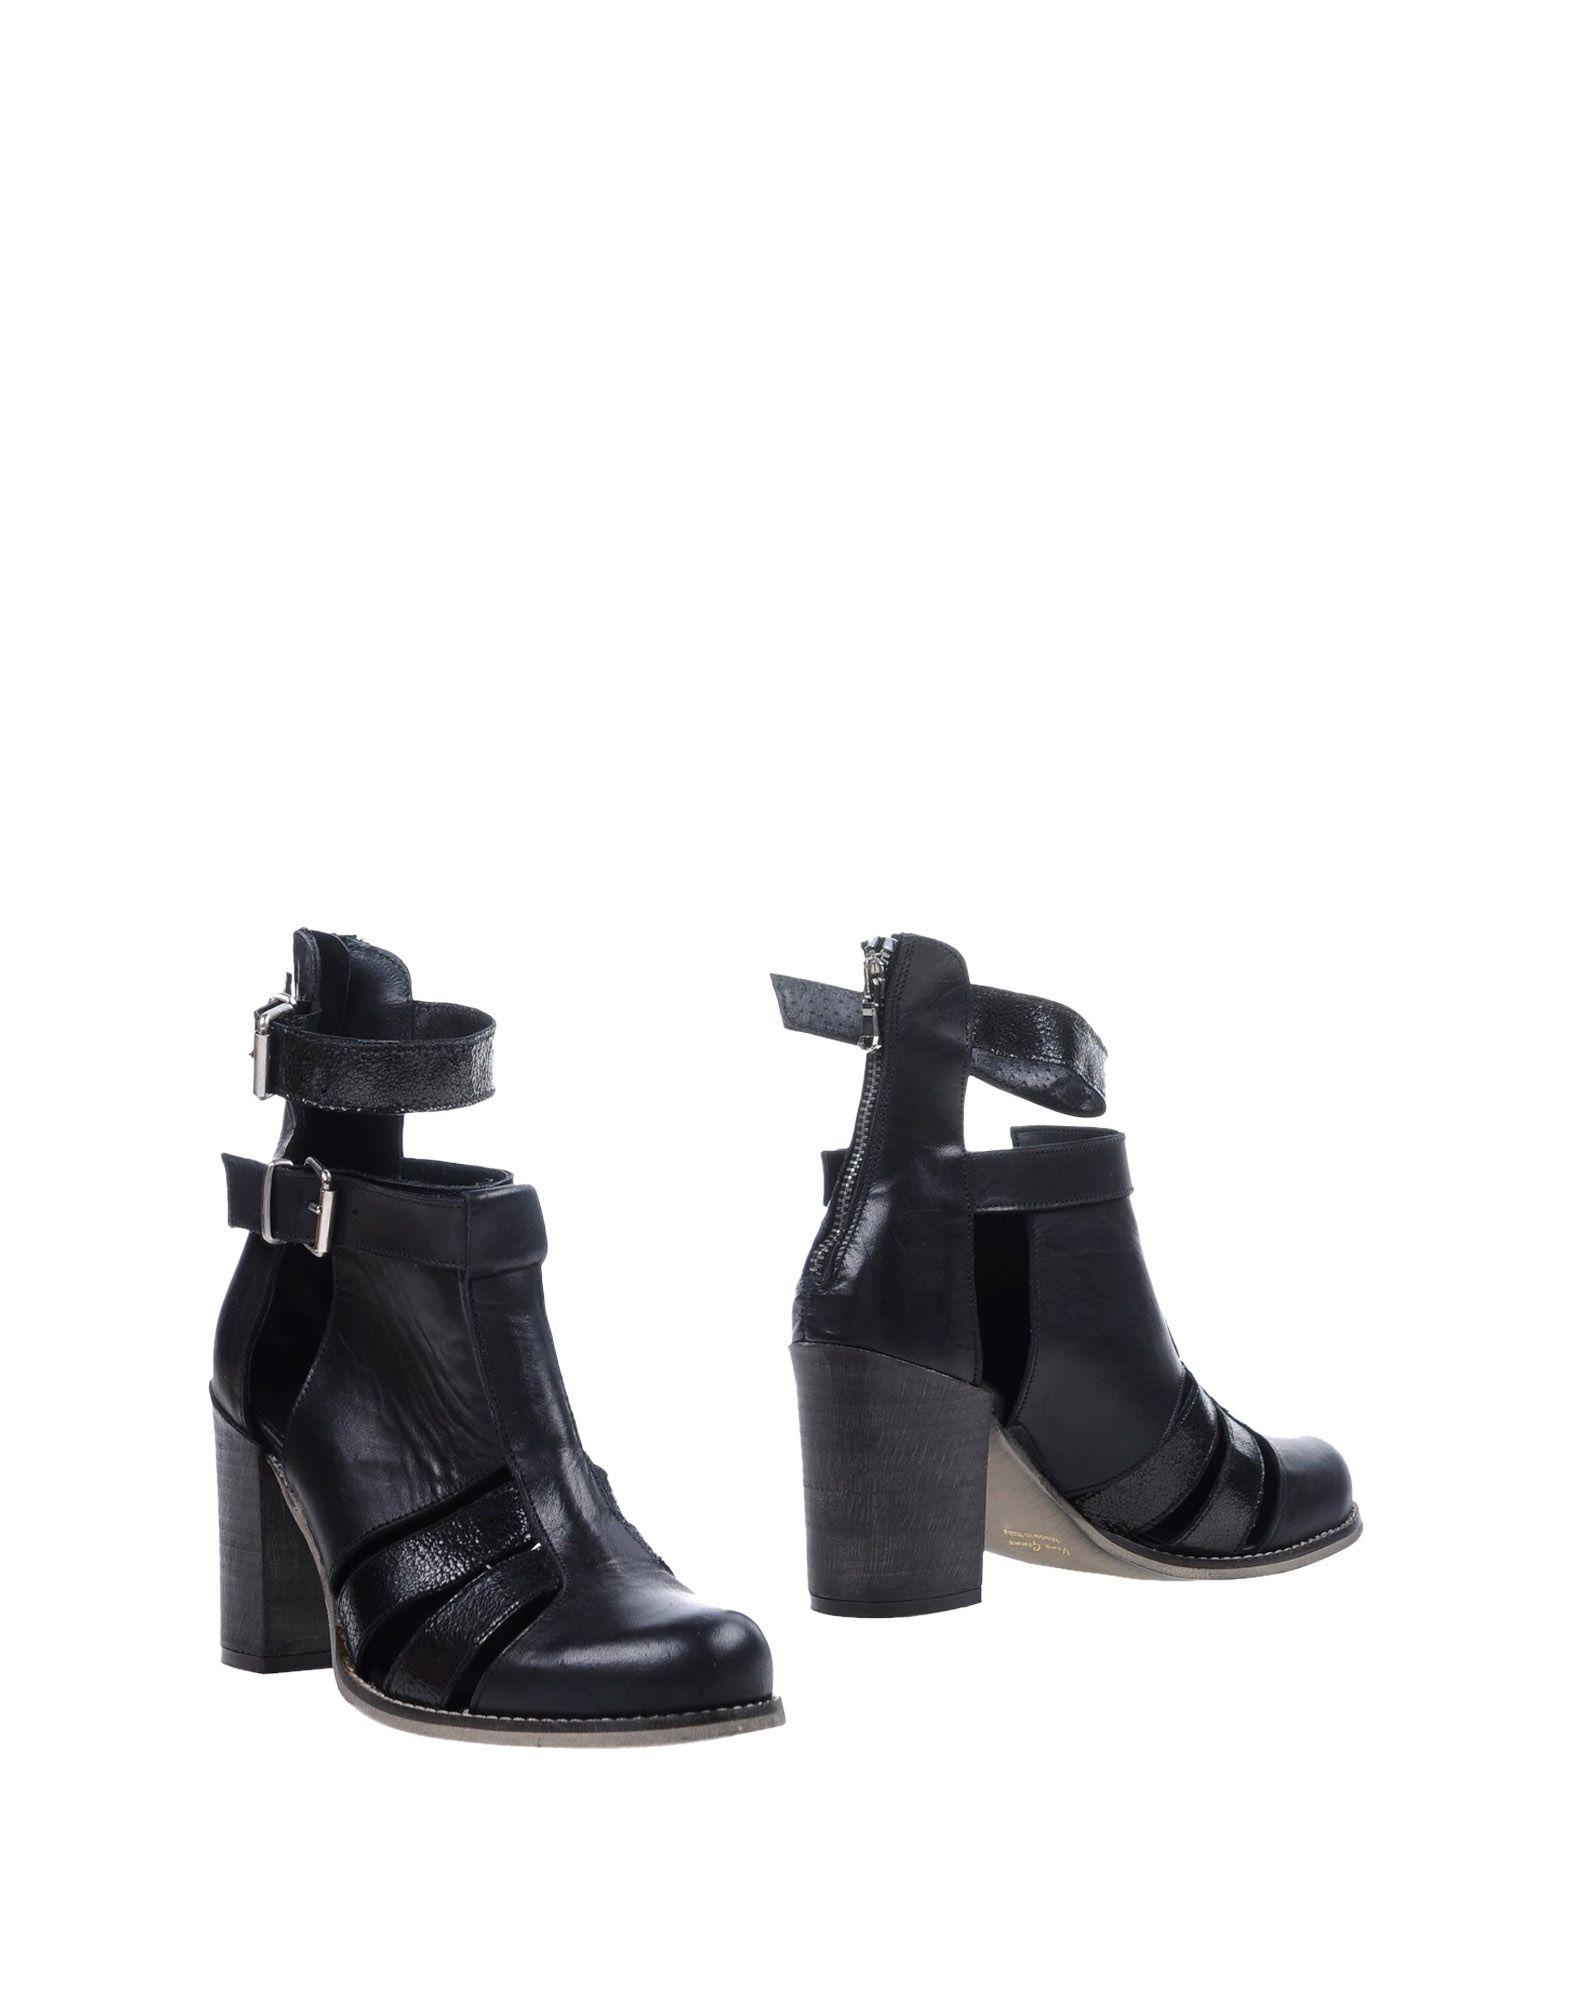 Geneve Stiefelette Damen  11373836EM Gute Qualität beliebte Schuhe